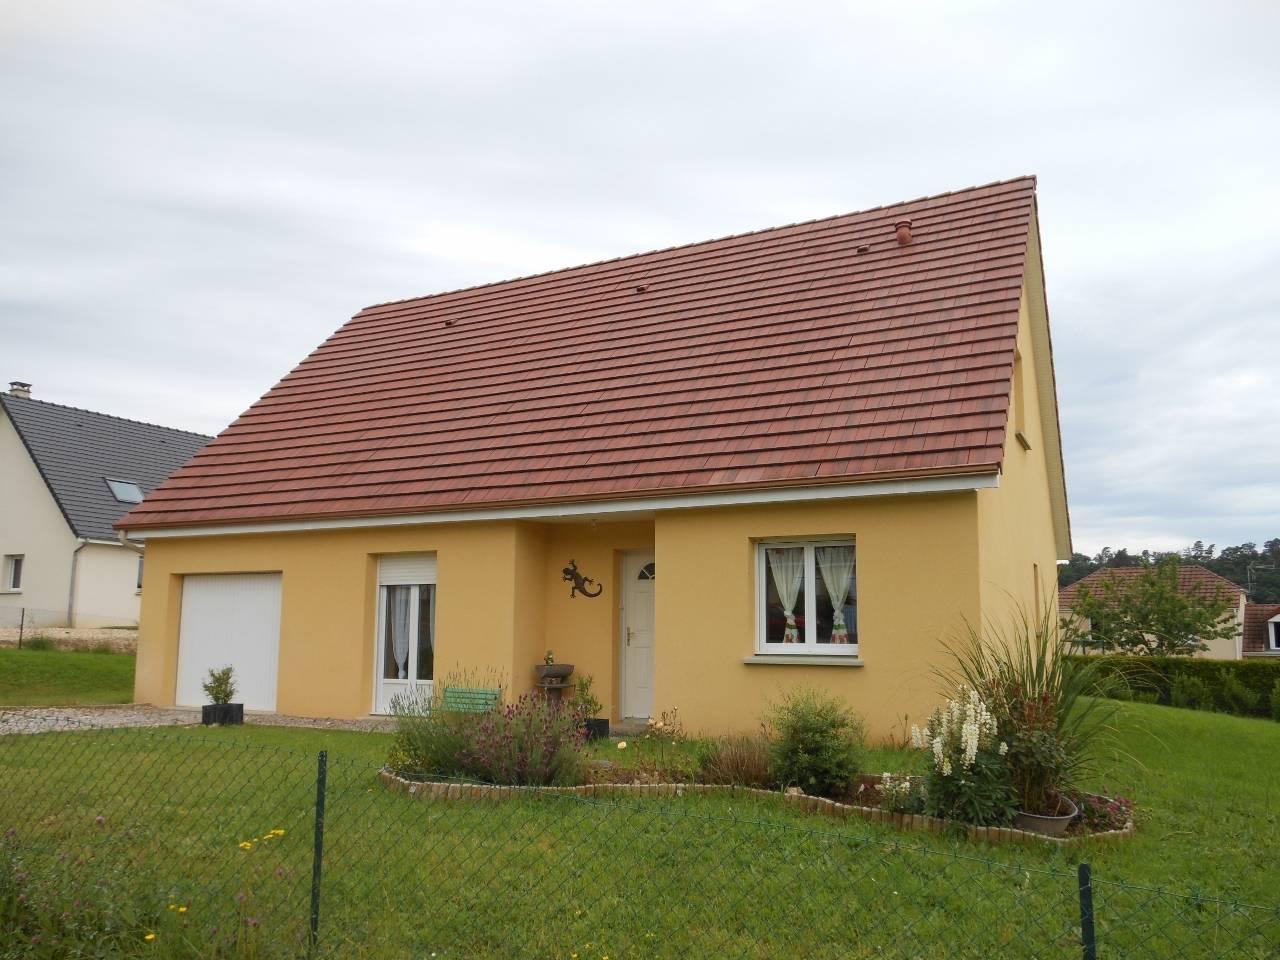 Terrain vendre pour maison individuelle page 15 - Compagnons constructeurs ...